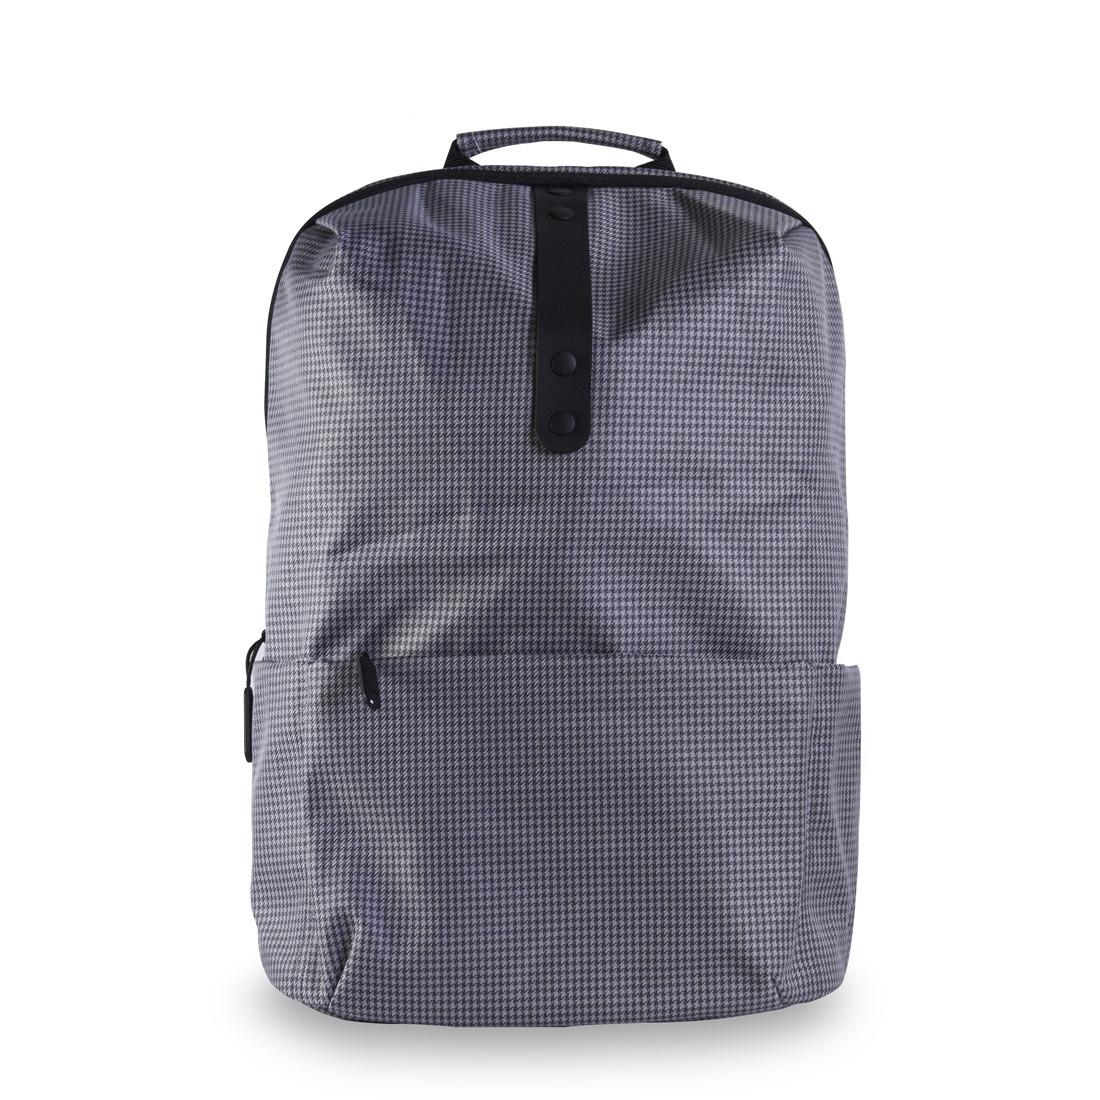 Xiaomi ZJB4056CN Многофункциональный рюкзак College Leisure Shoulder Bag, Органайзер, Серый